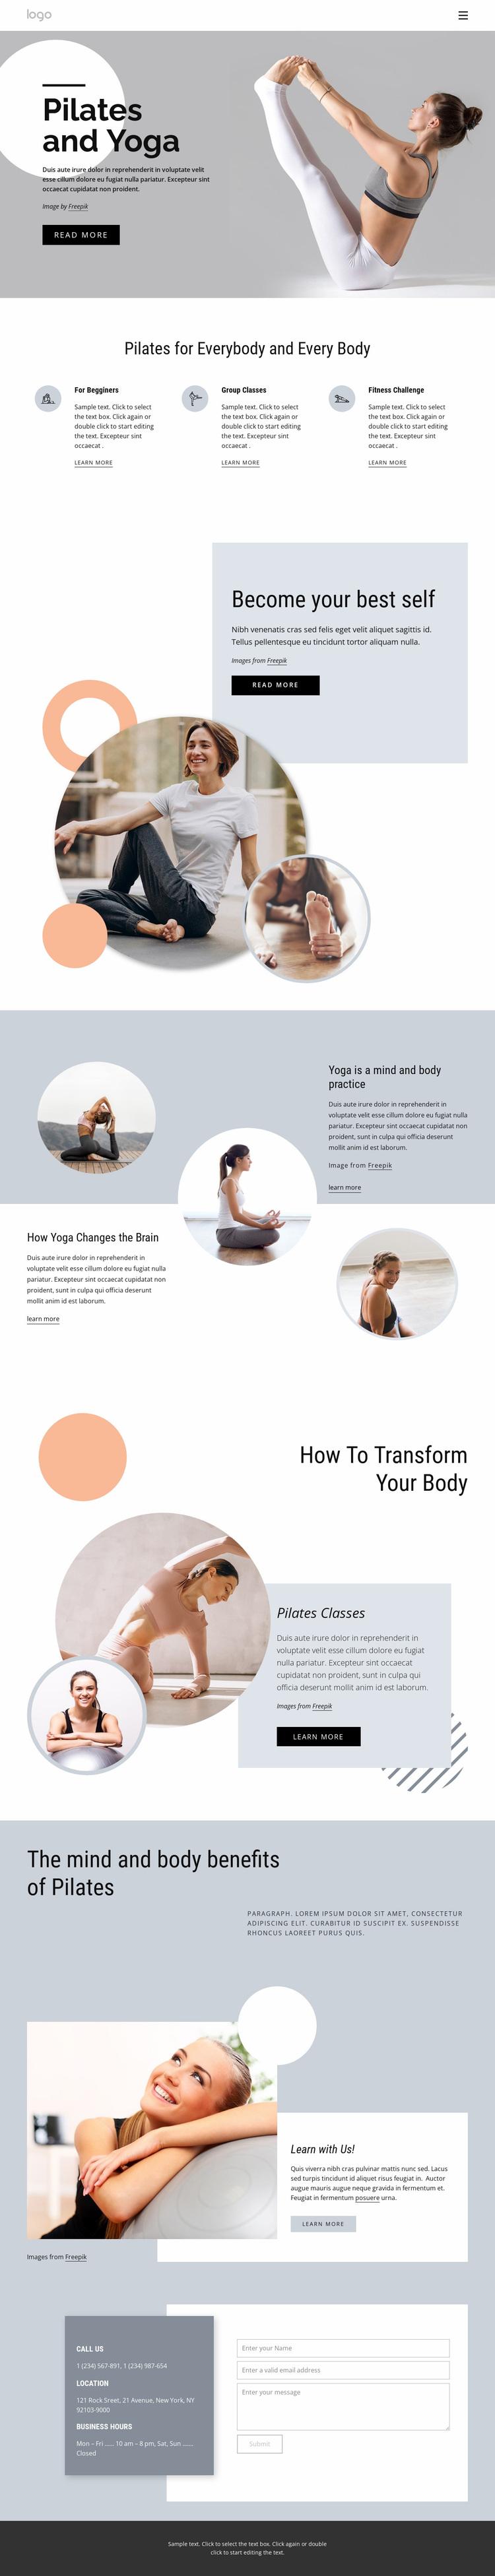 Pilates and yoga center Website Design